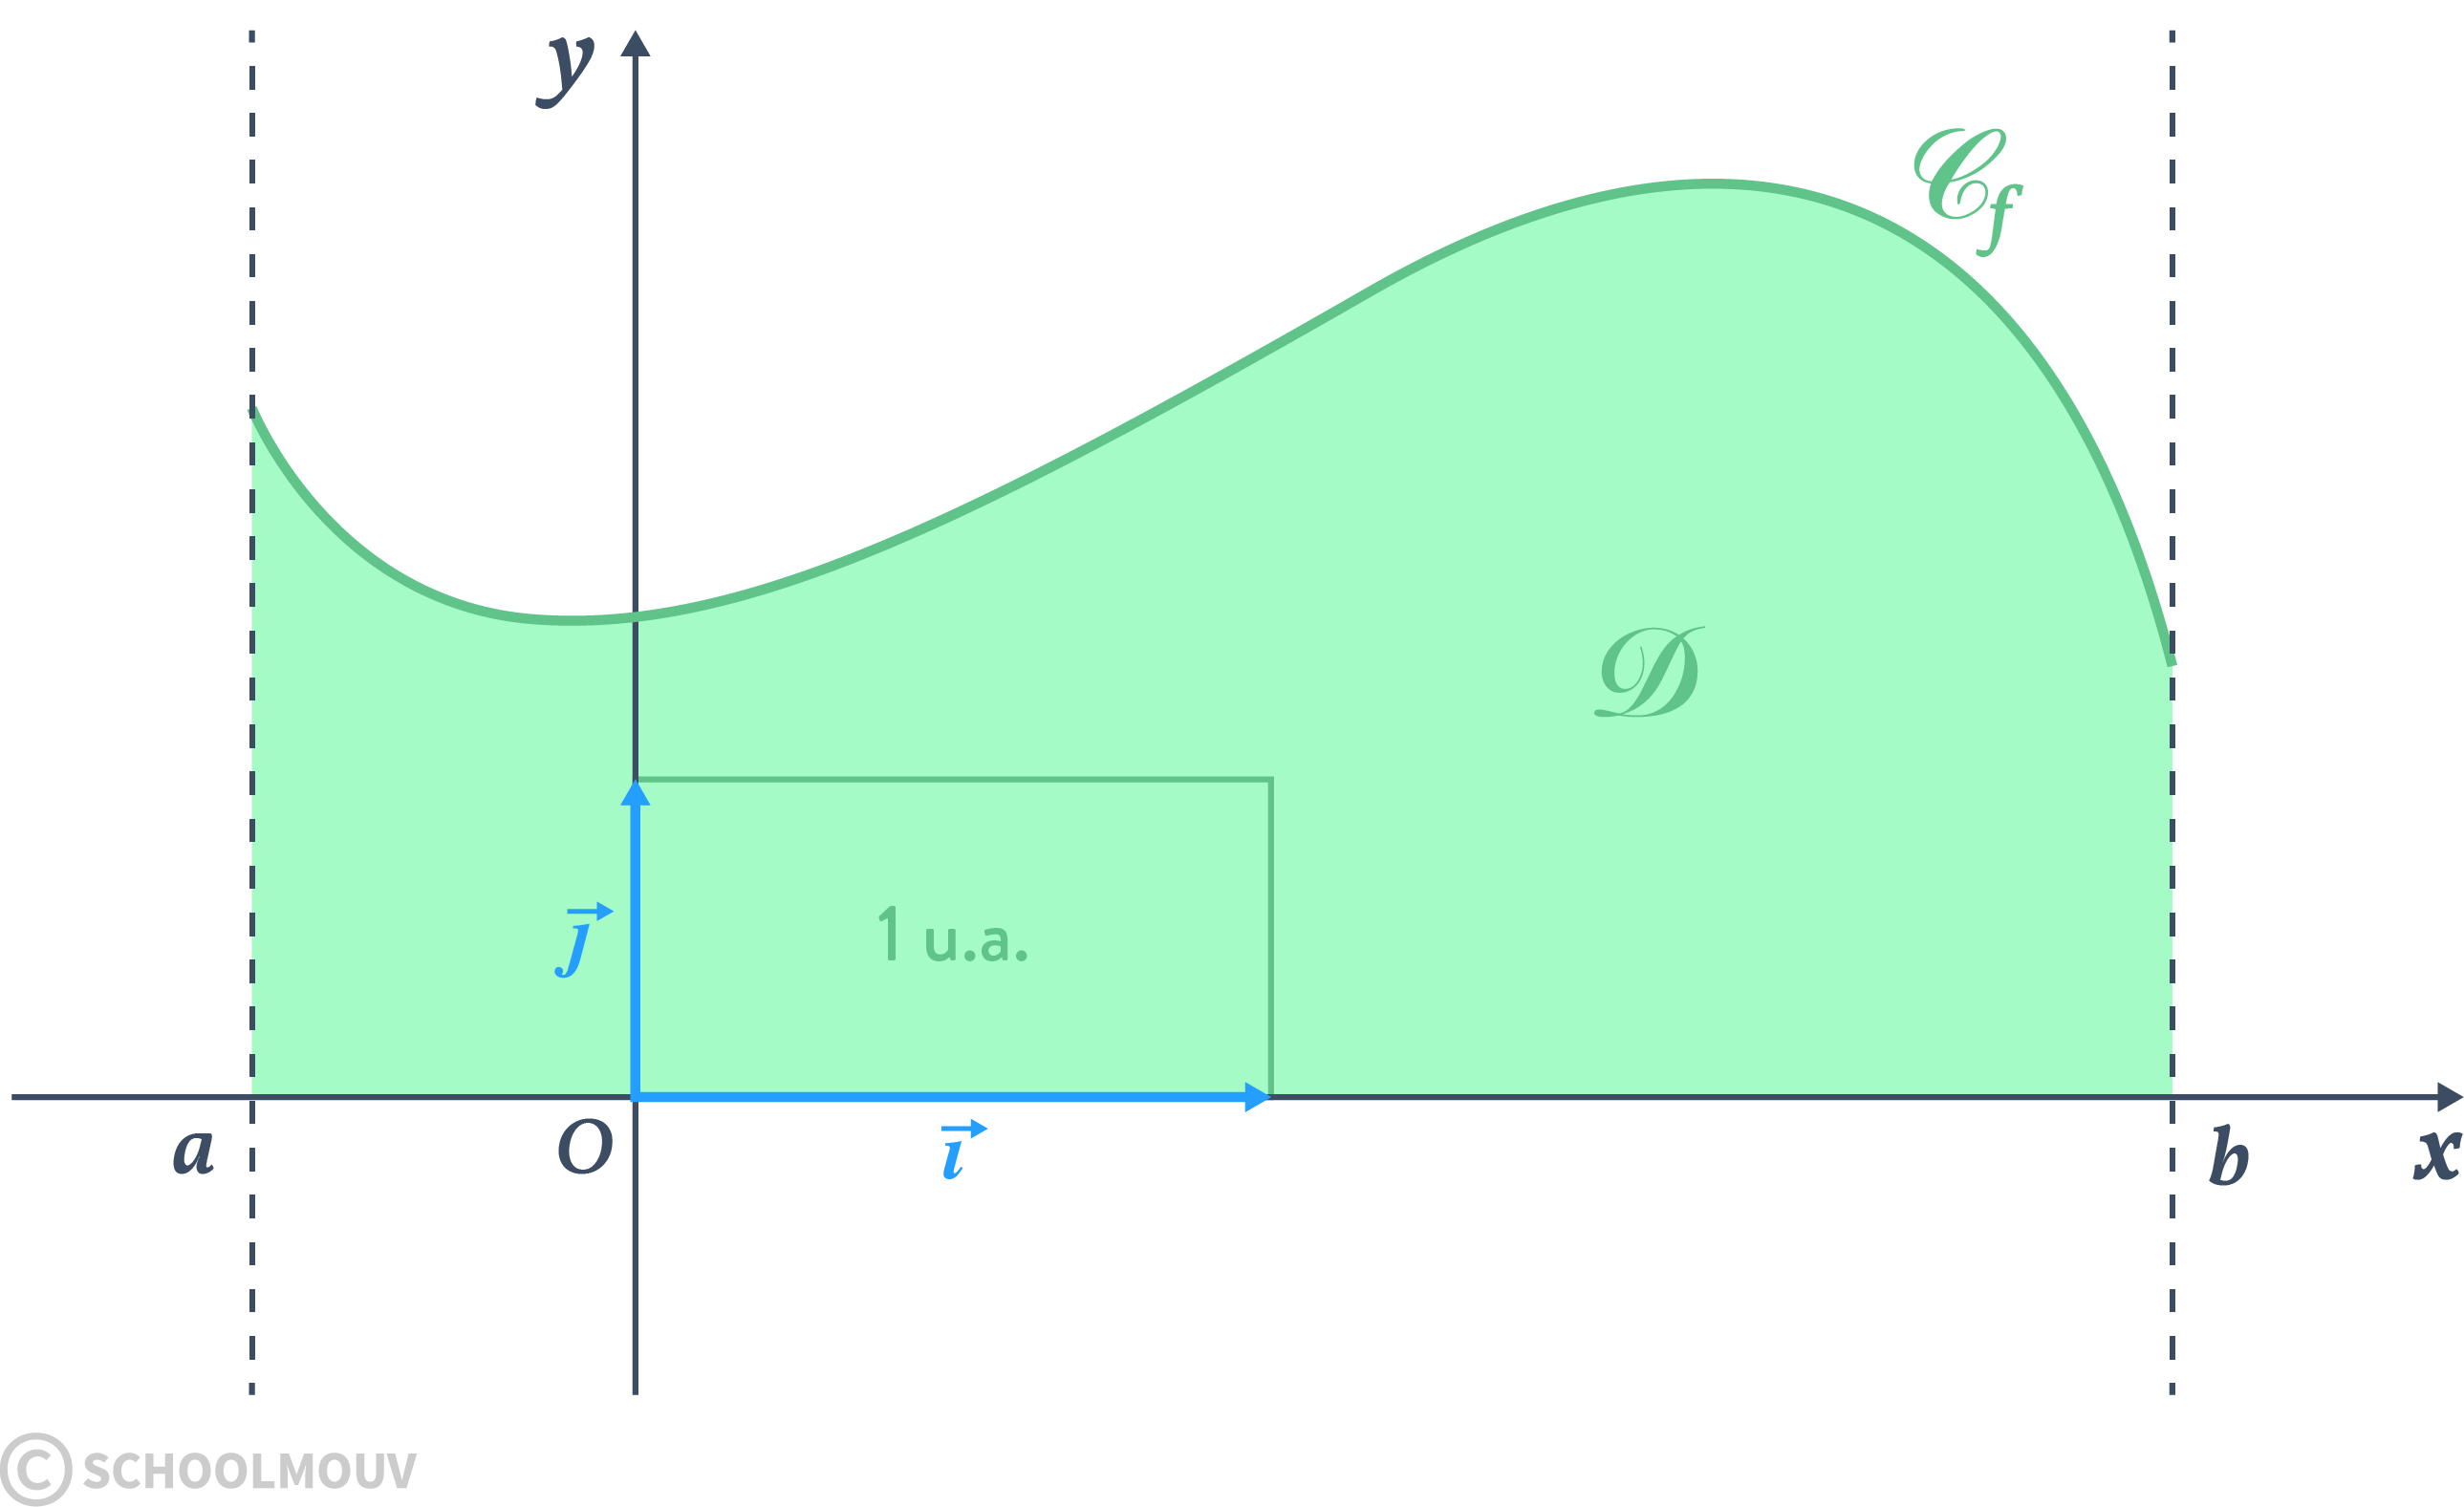 Alt terminale option mathématiques complémentaires intégration